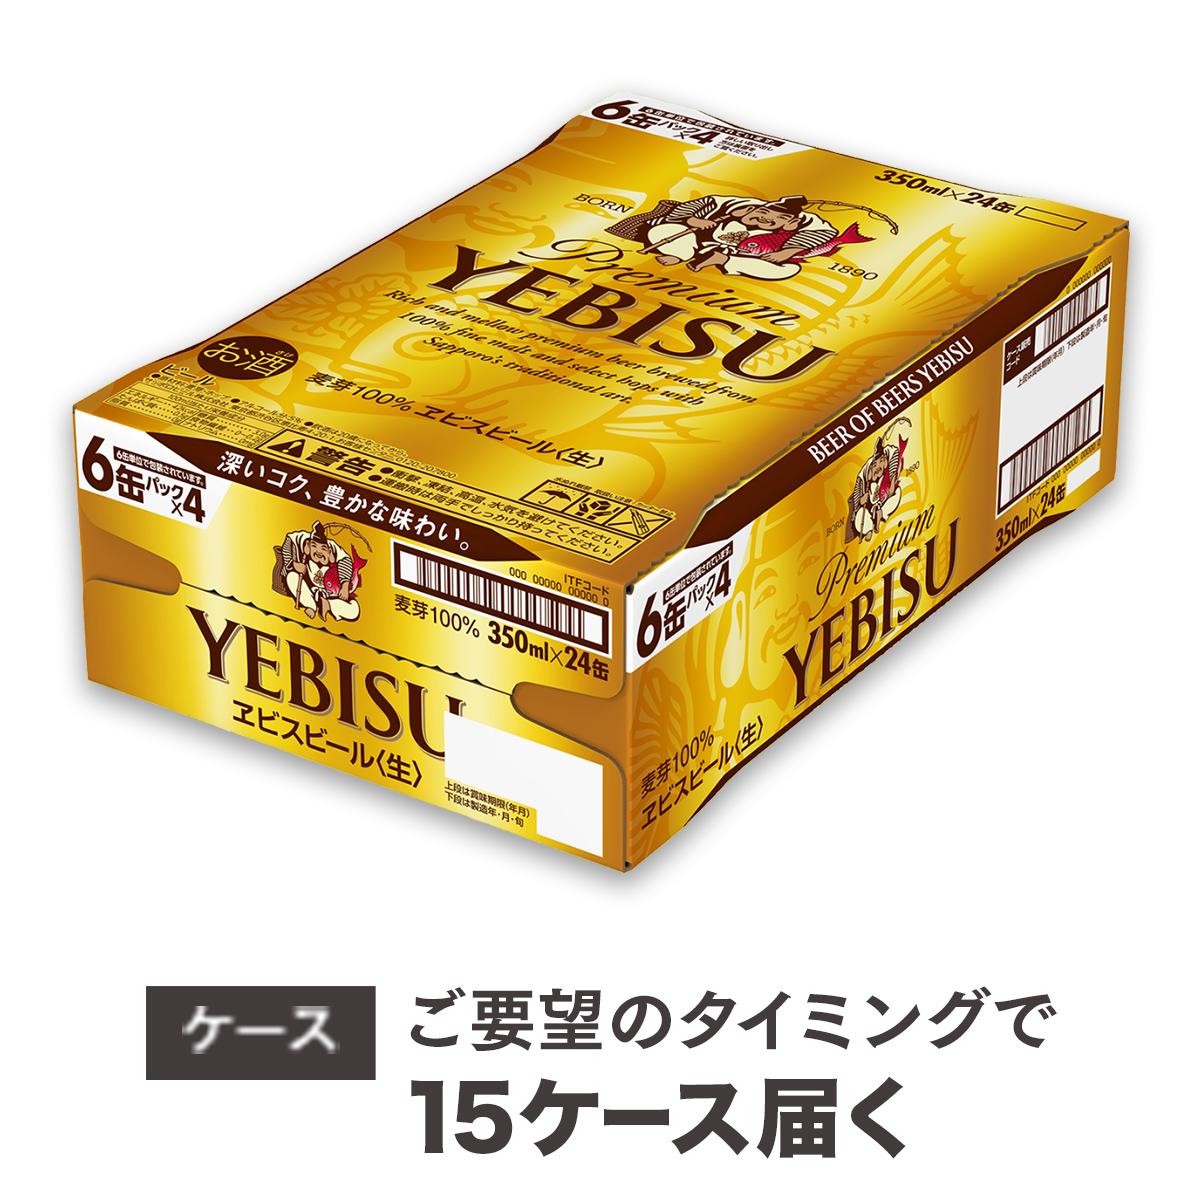 【お届け相談します】ヱビスビール 仙台工場産(350ml×24本入を15ケース)合計360缶